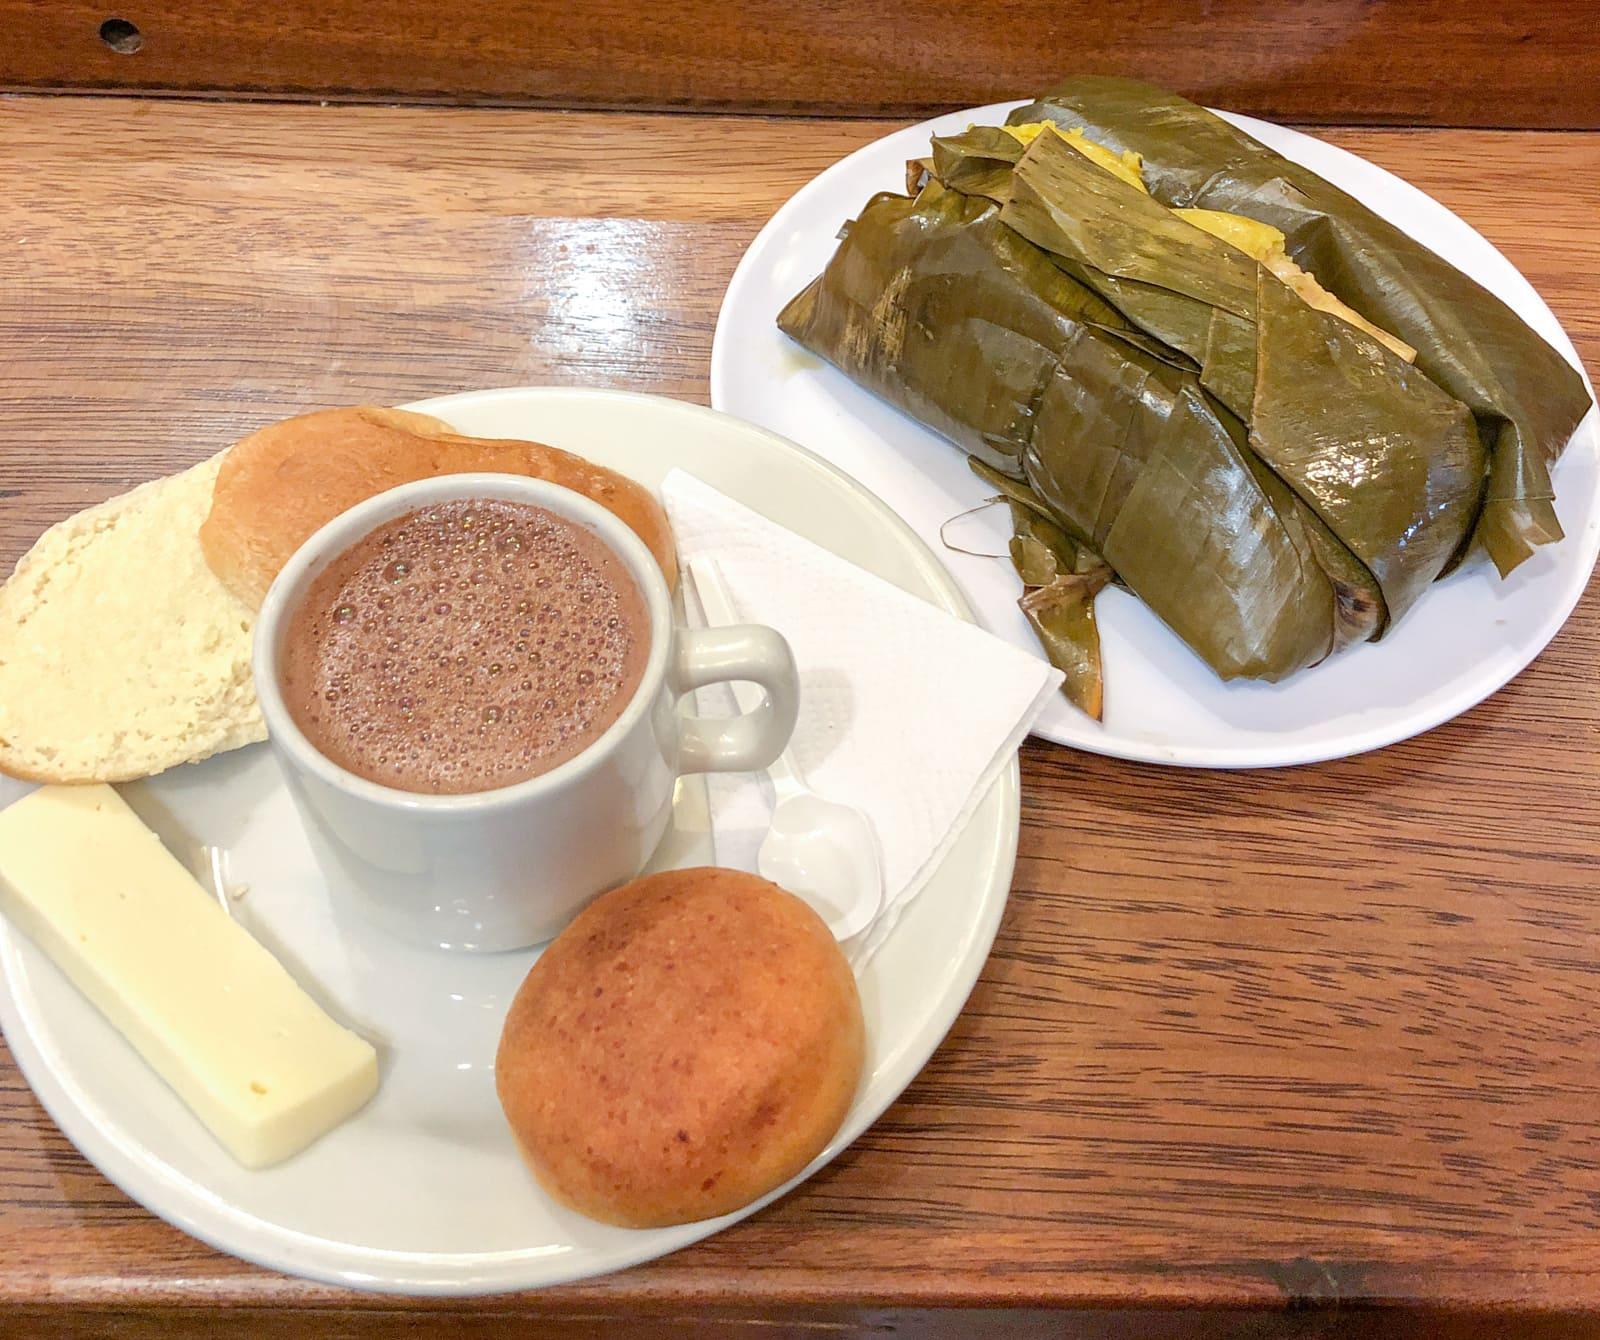 Hot chocolate and cheese, tamale at La Puerta Falsa